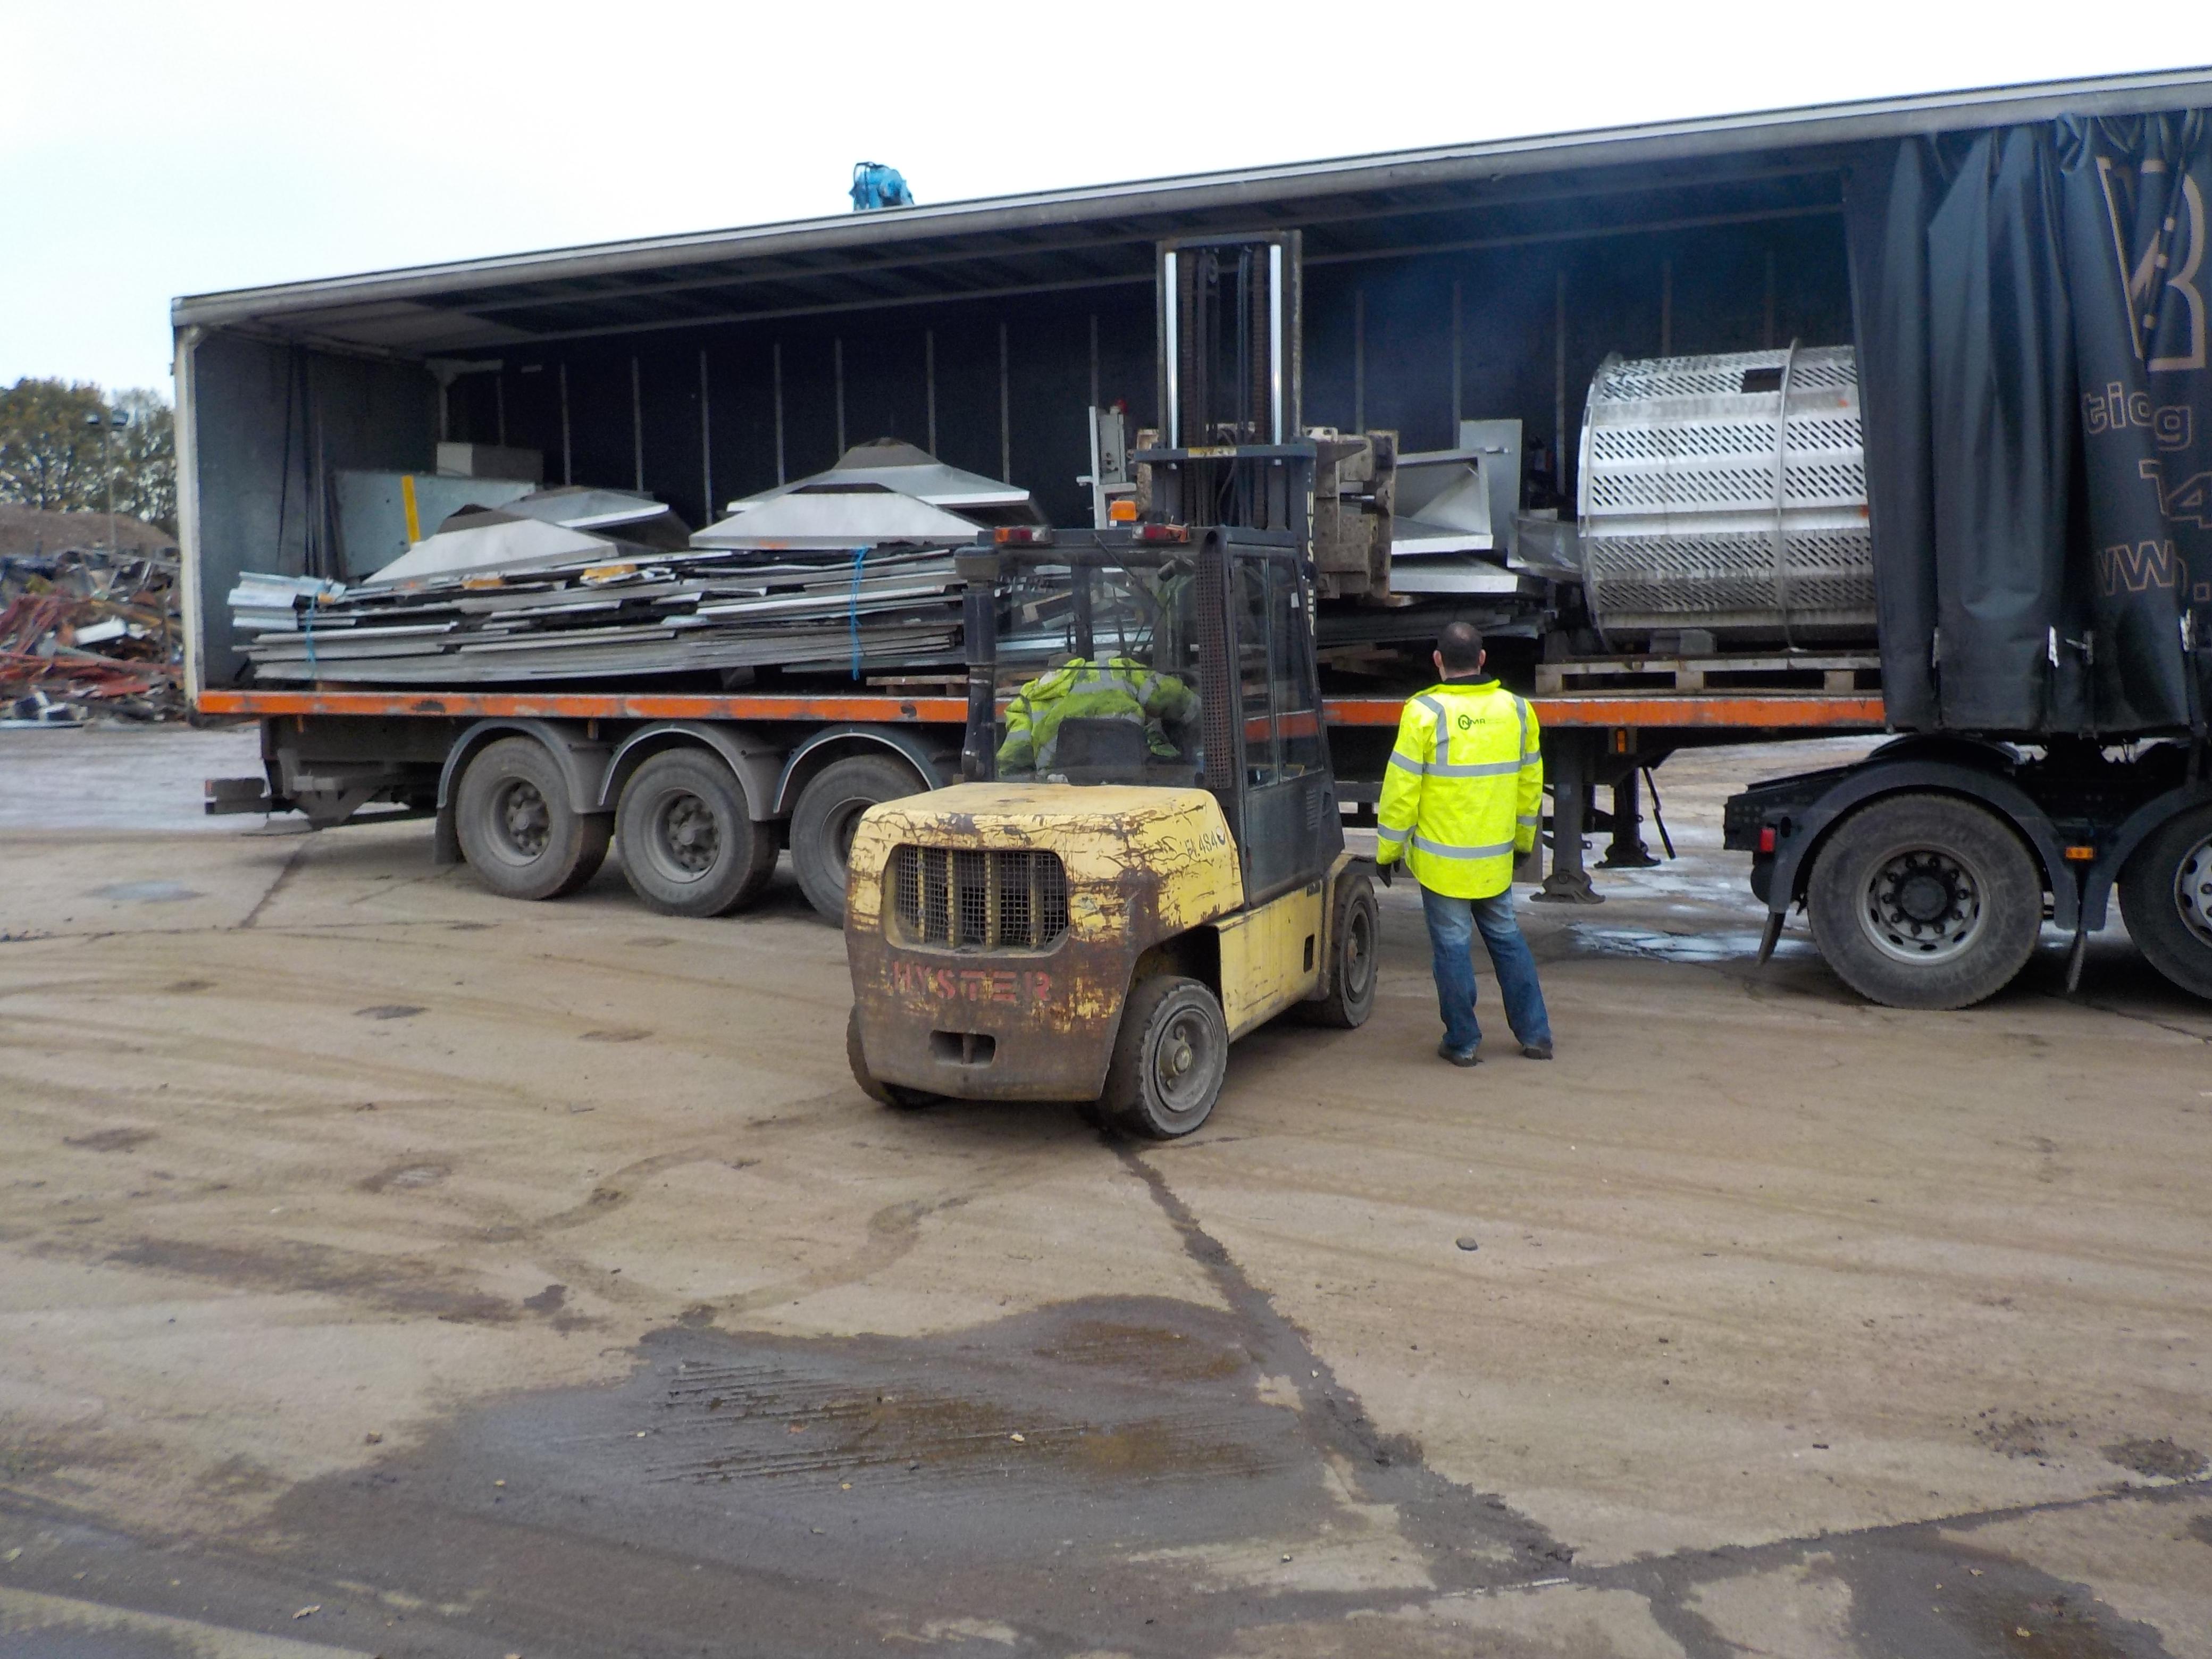 NMR Ltd Yard Pics 005 (1)